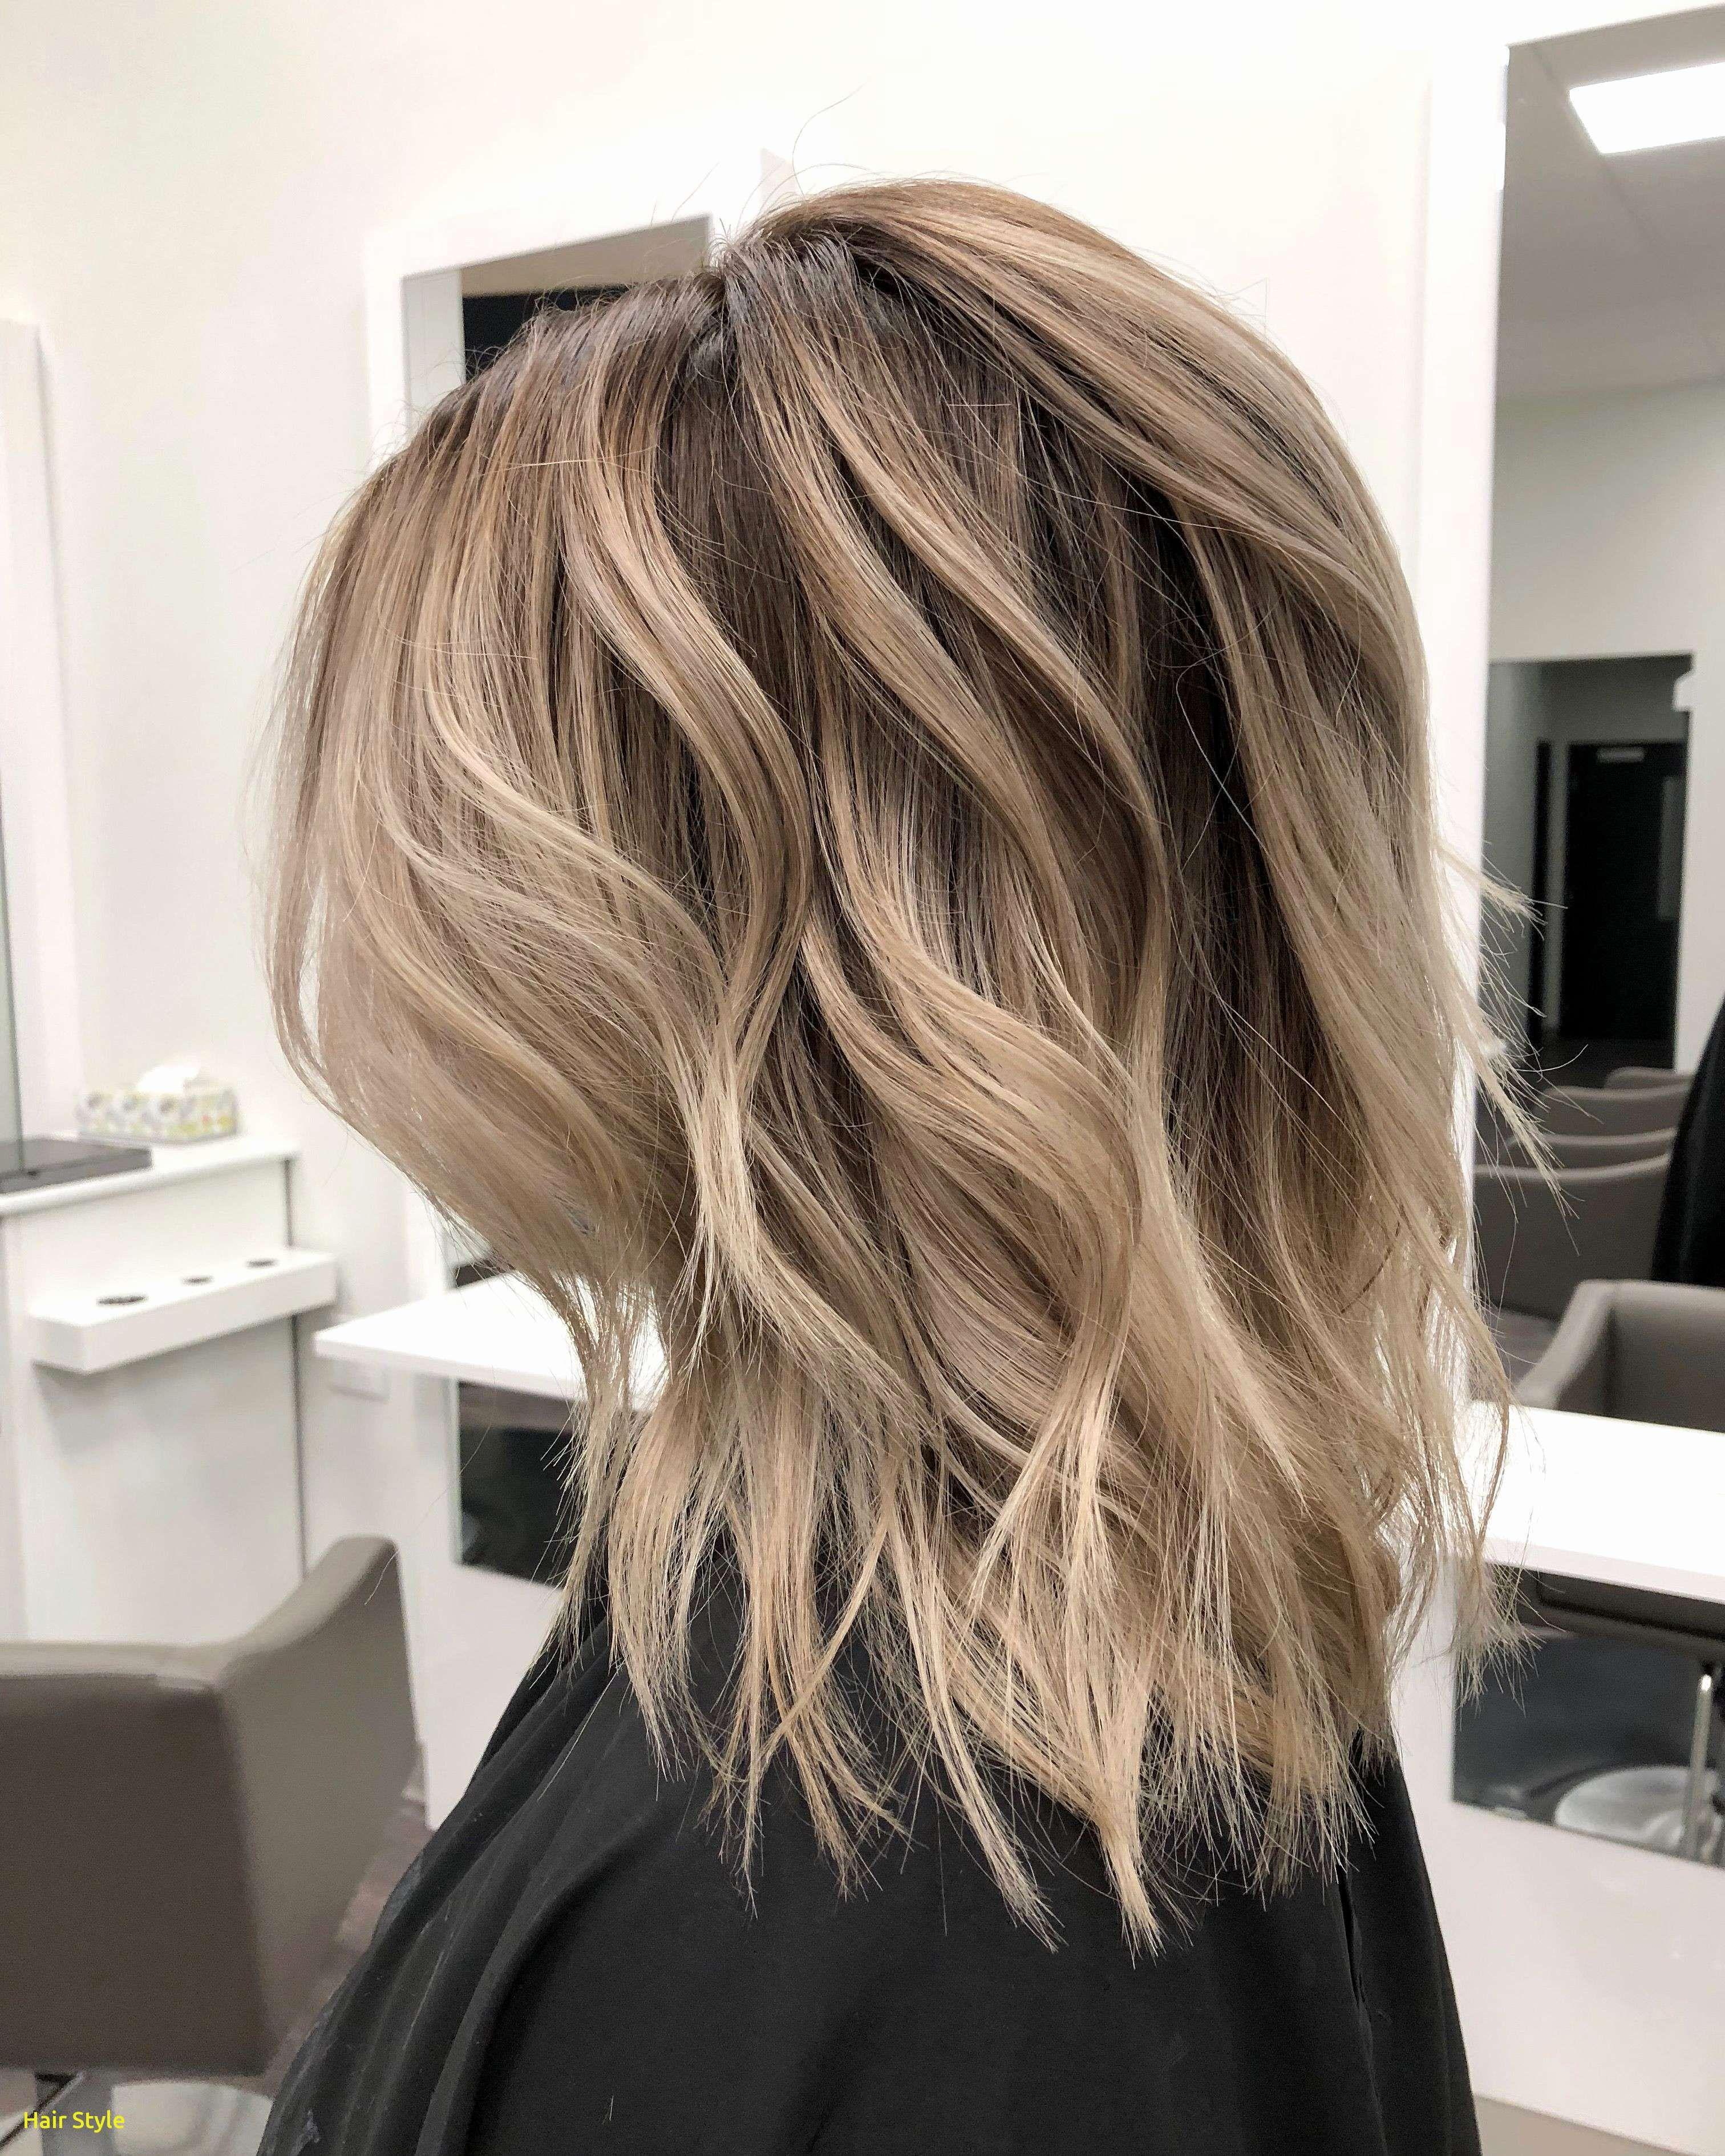 Einzigartige Frisur für Frau Video | Frisur | Frisuren mit ...